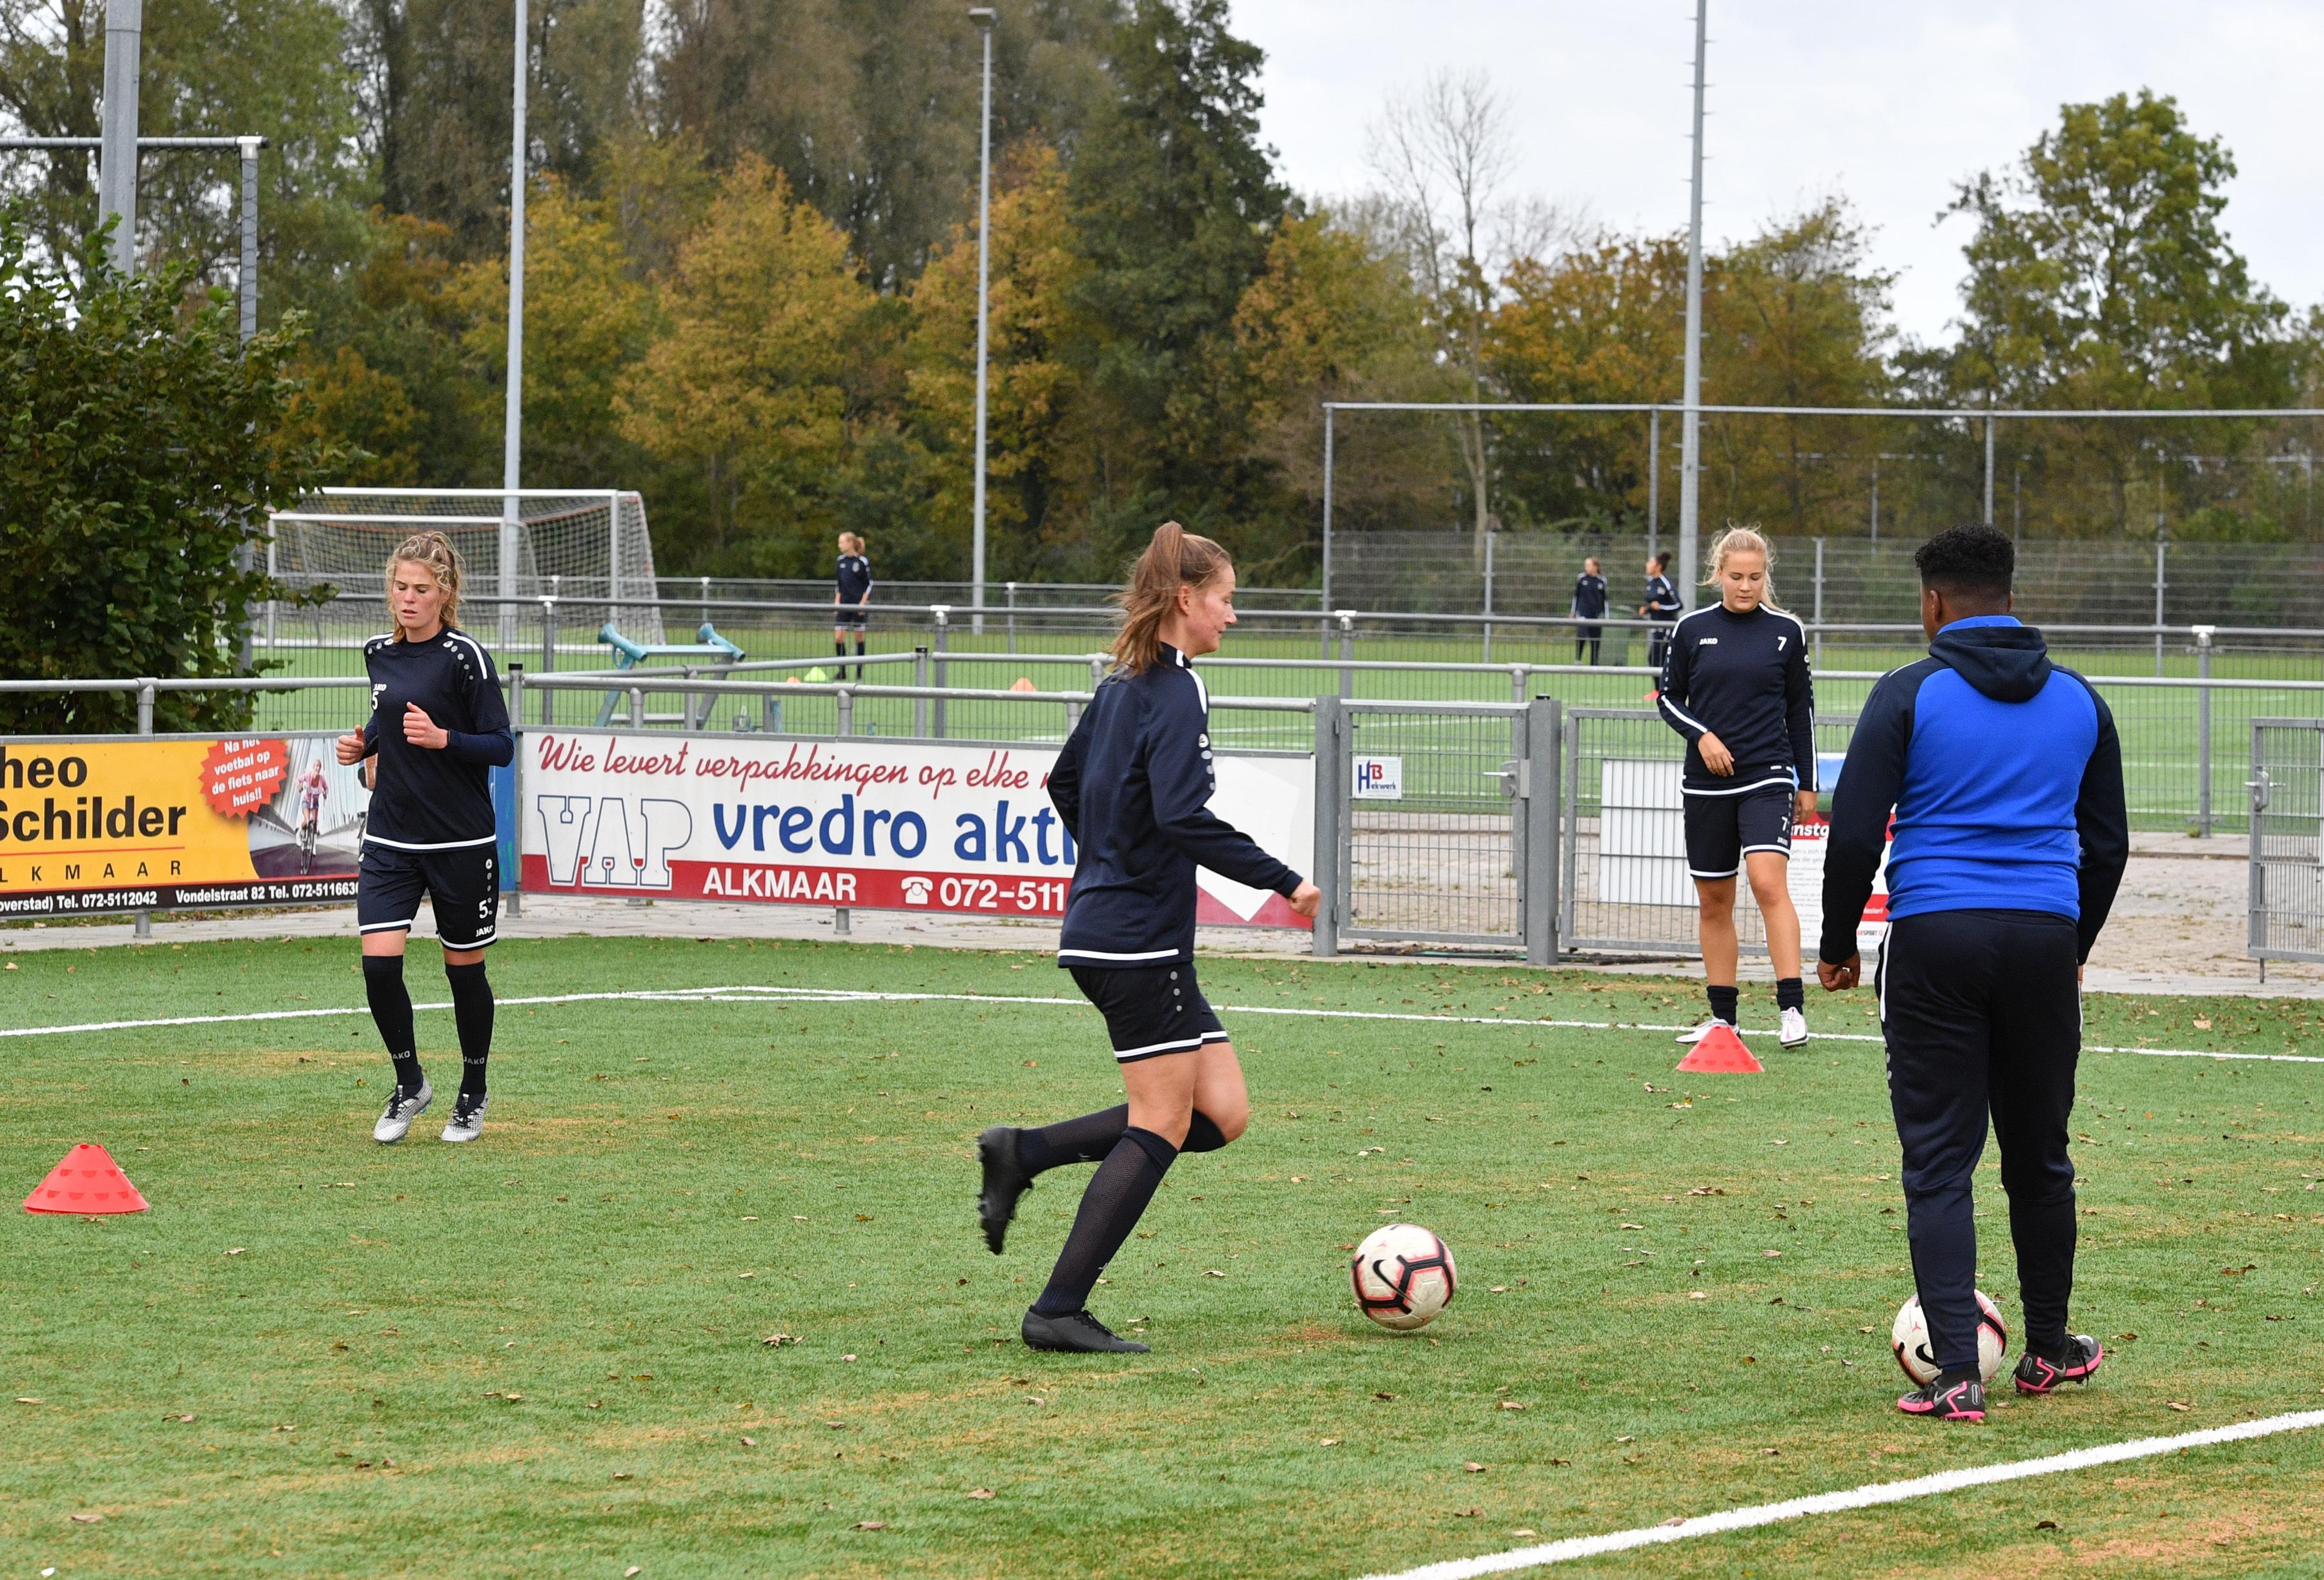 VV Alkmaar opgelucht dat competitie Vrouwen Eredivisie zo snel mogelijk wordt voorgezet: 'We blijven ons voorlopig aan de restricties houden'